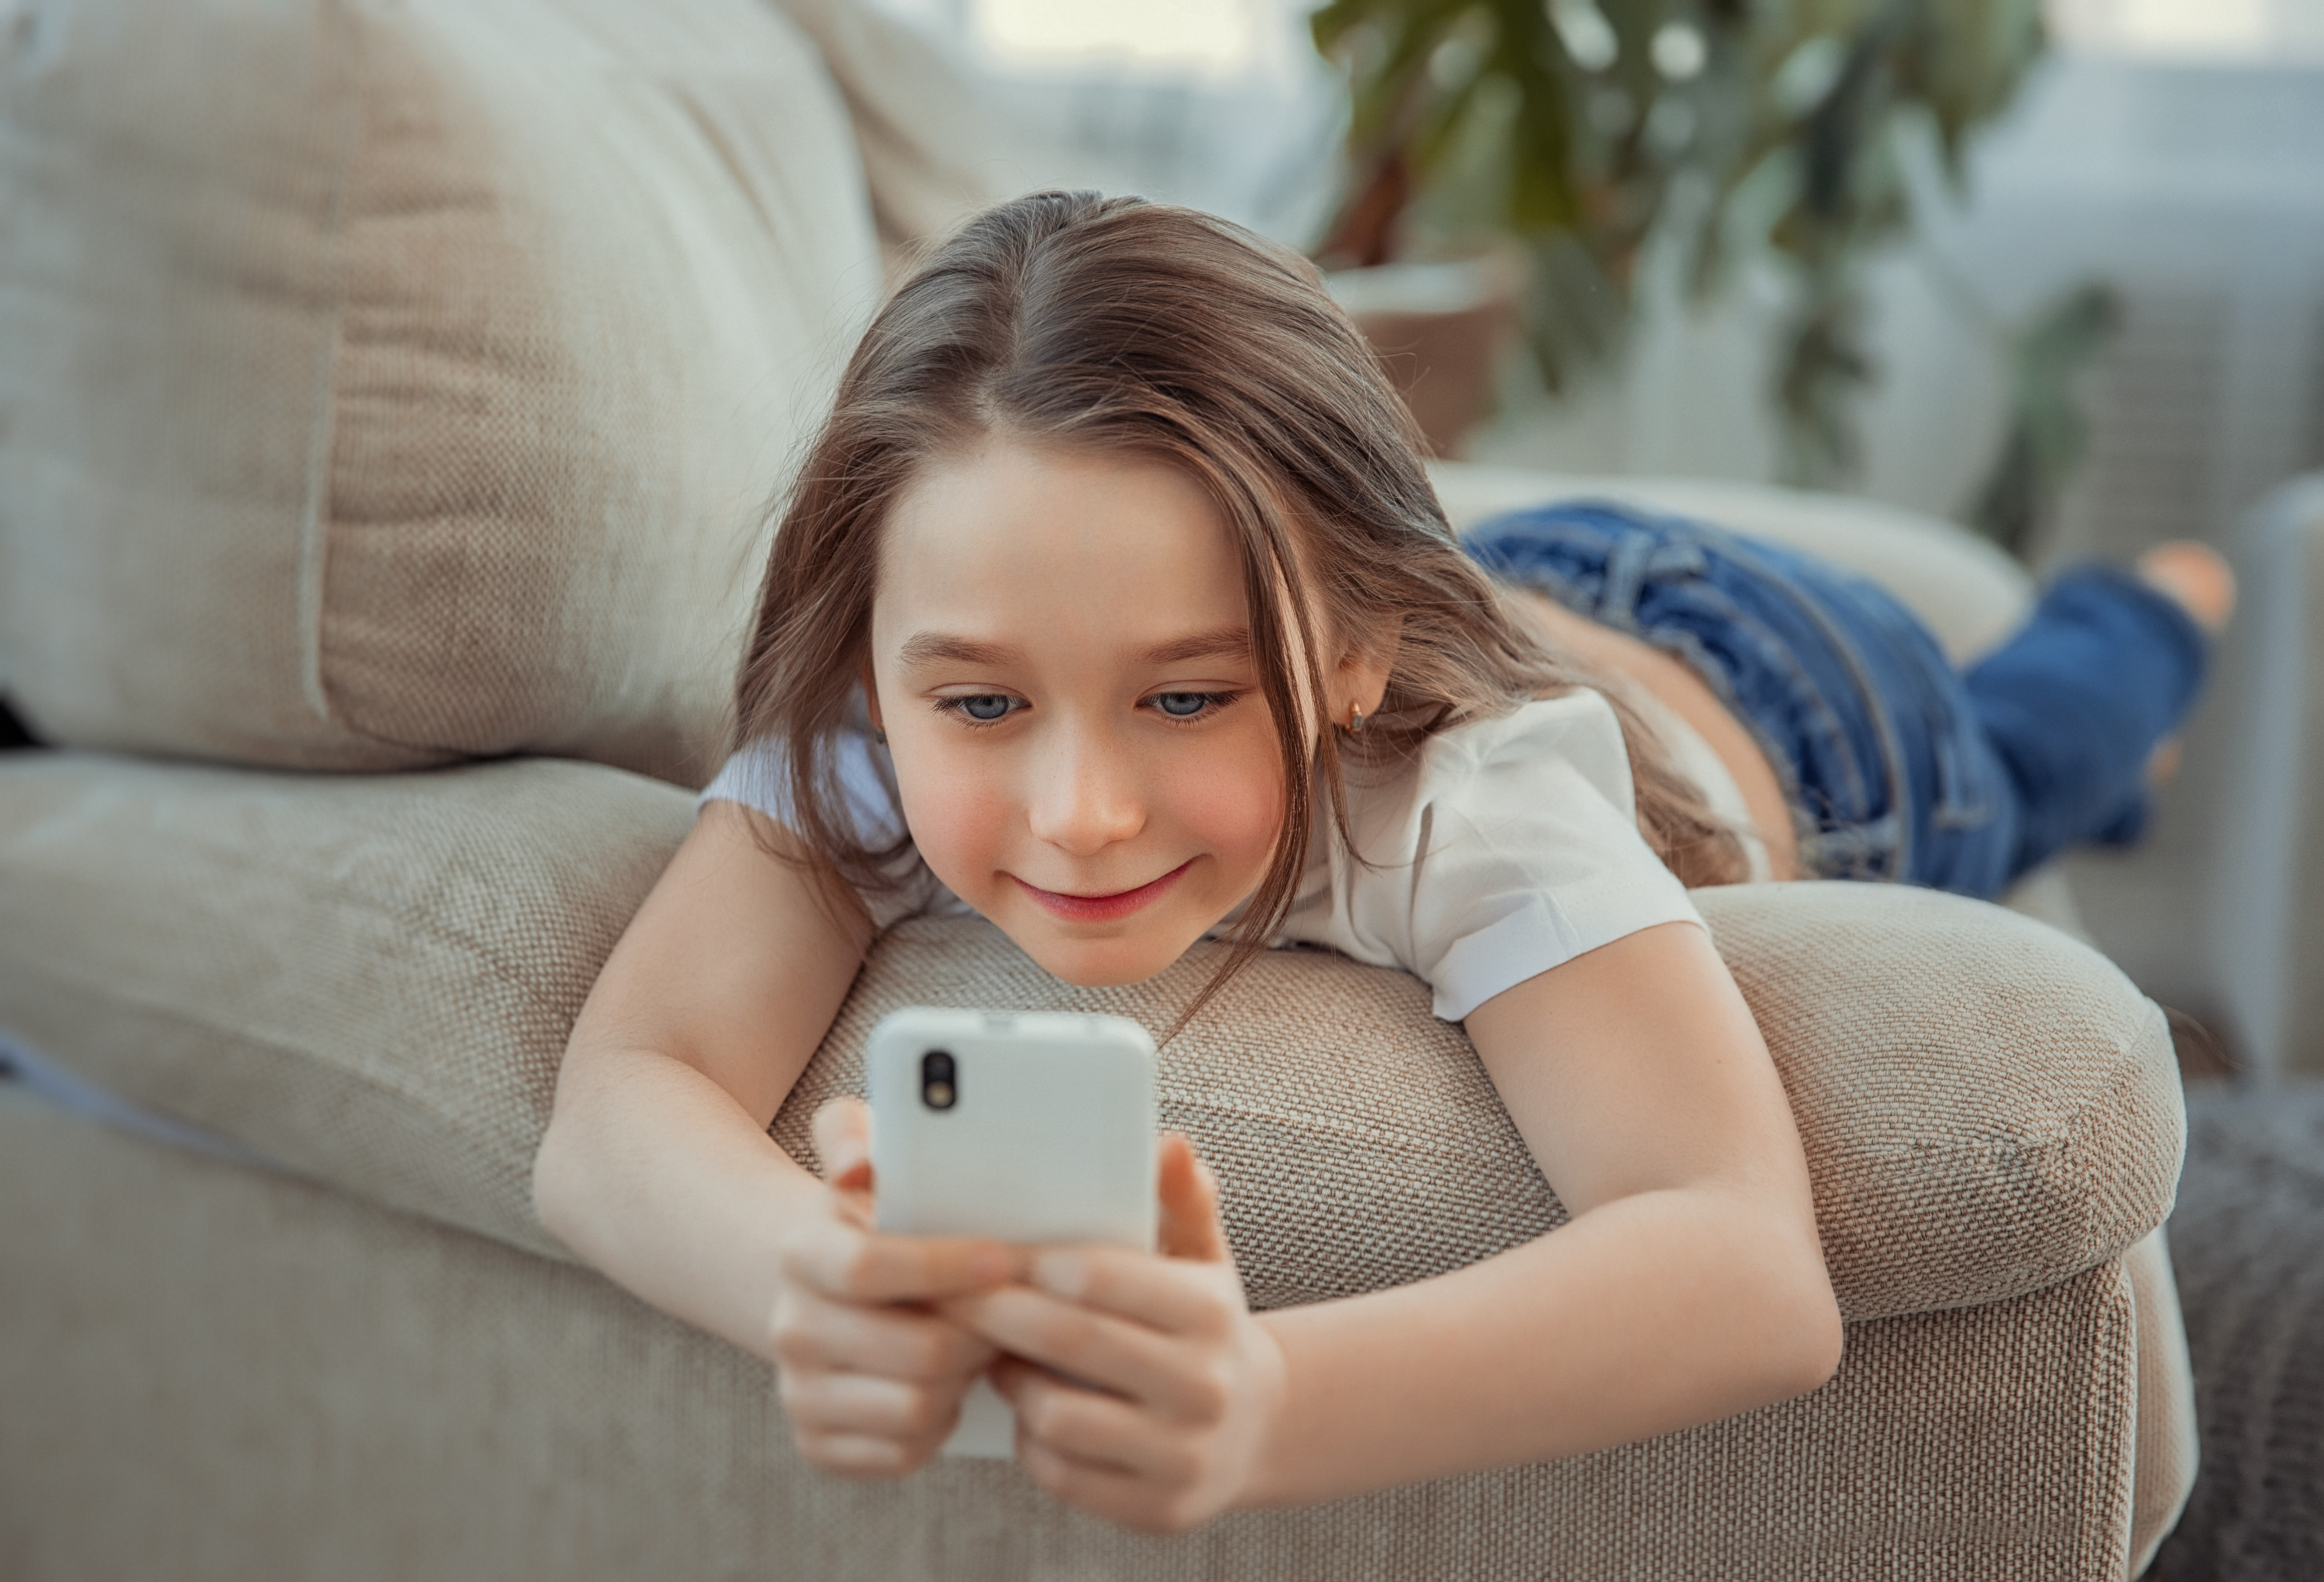 Objawy uzależnienia od telefonu komórkowego u najmłodszych